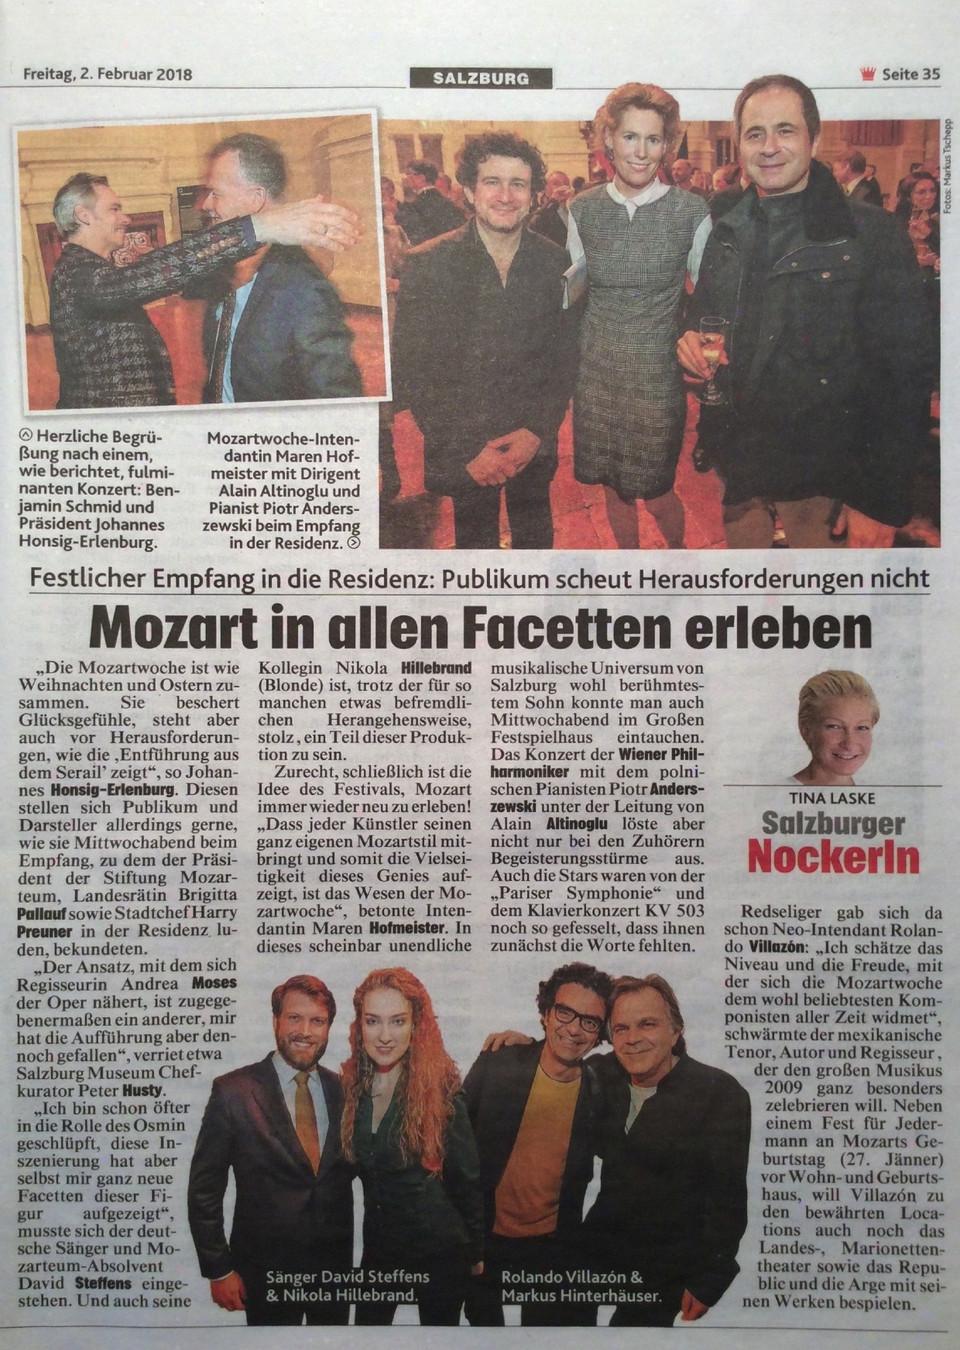 salzburg-kronenzeitung-entführung